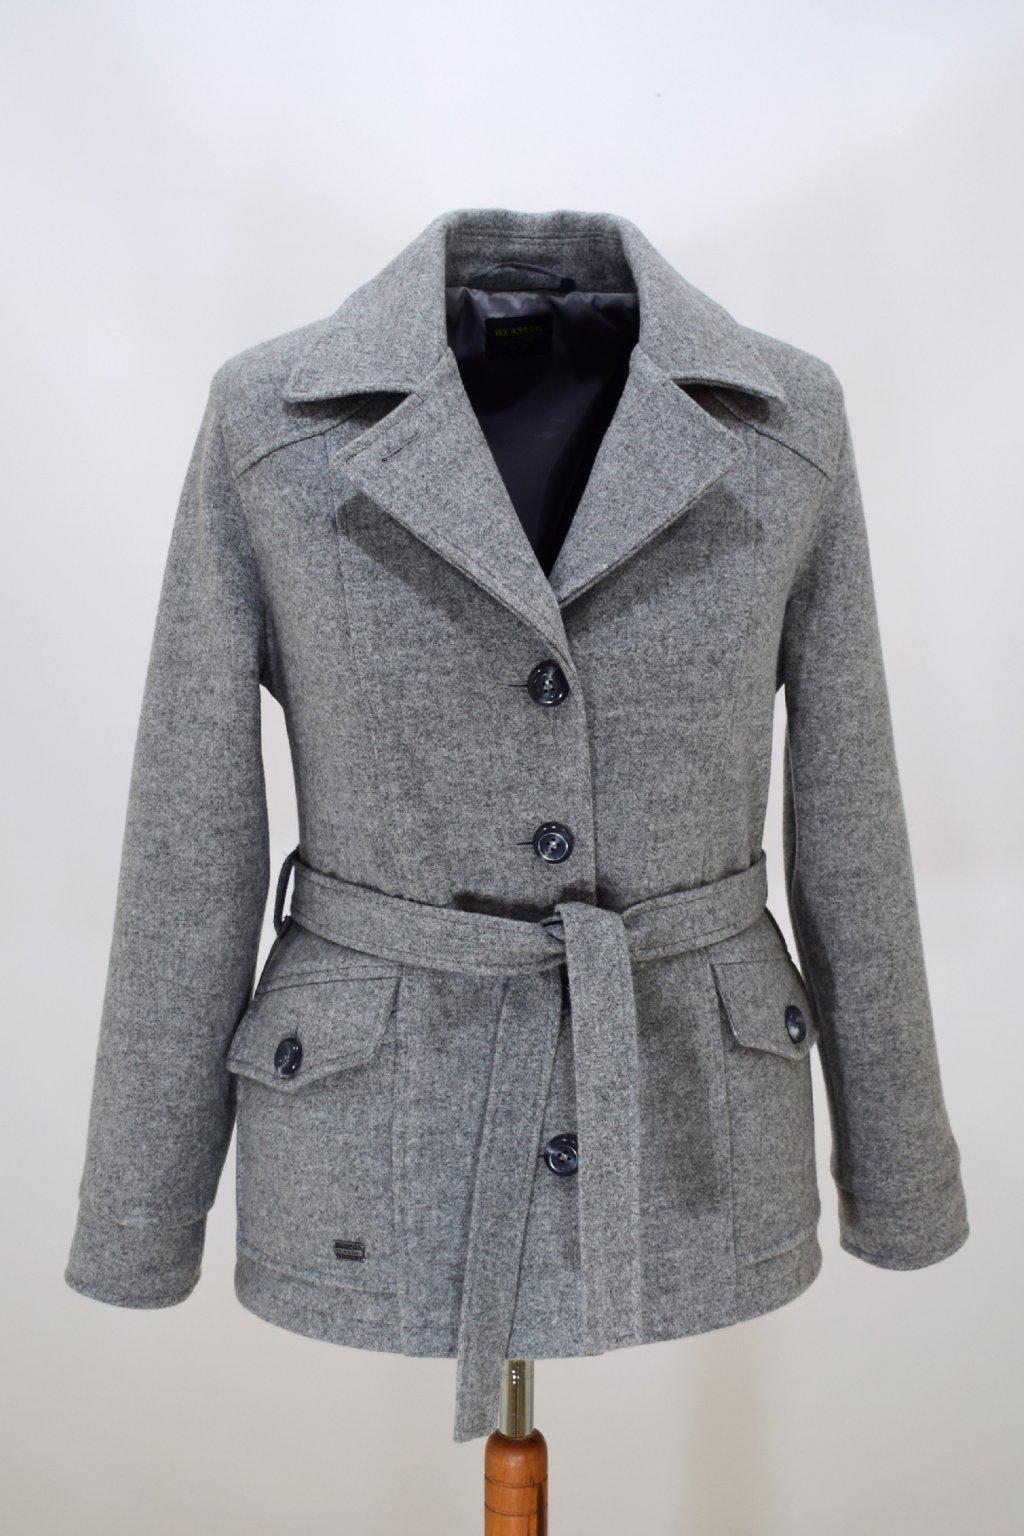 Dámský světle šedý přechodový kabátek Erika nadměrné velikosti.